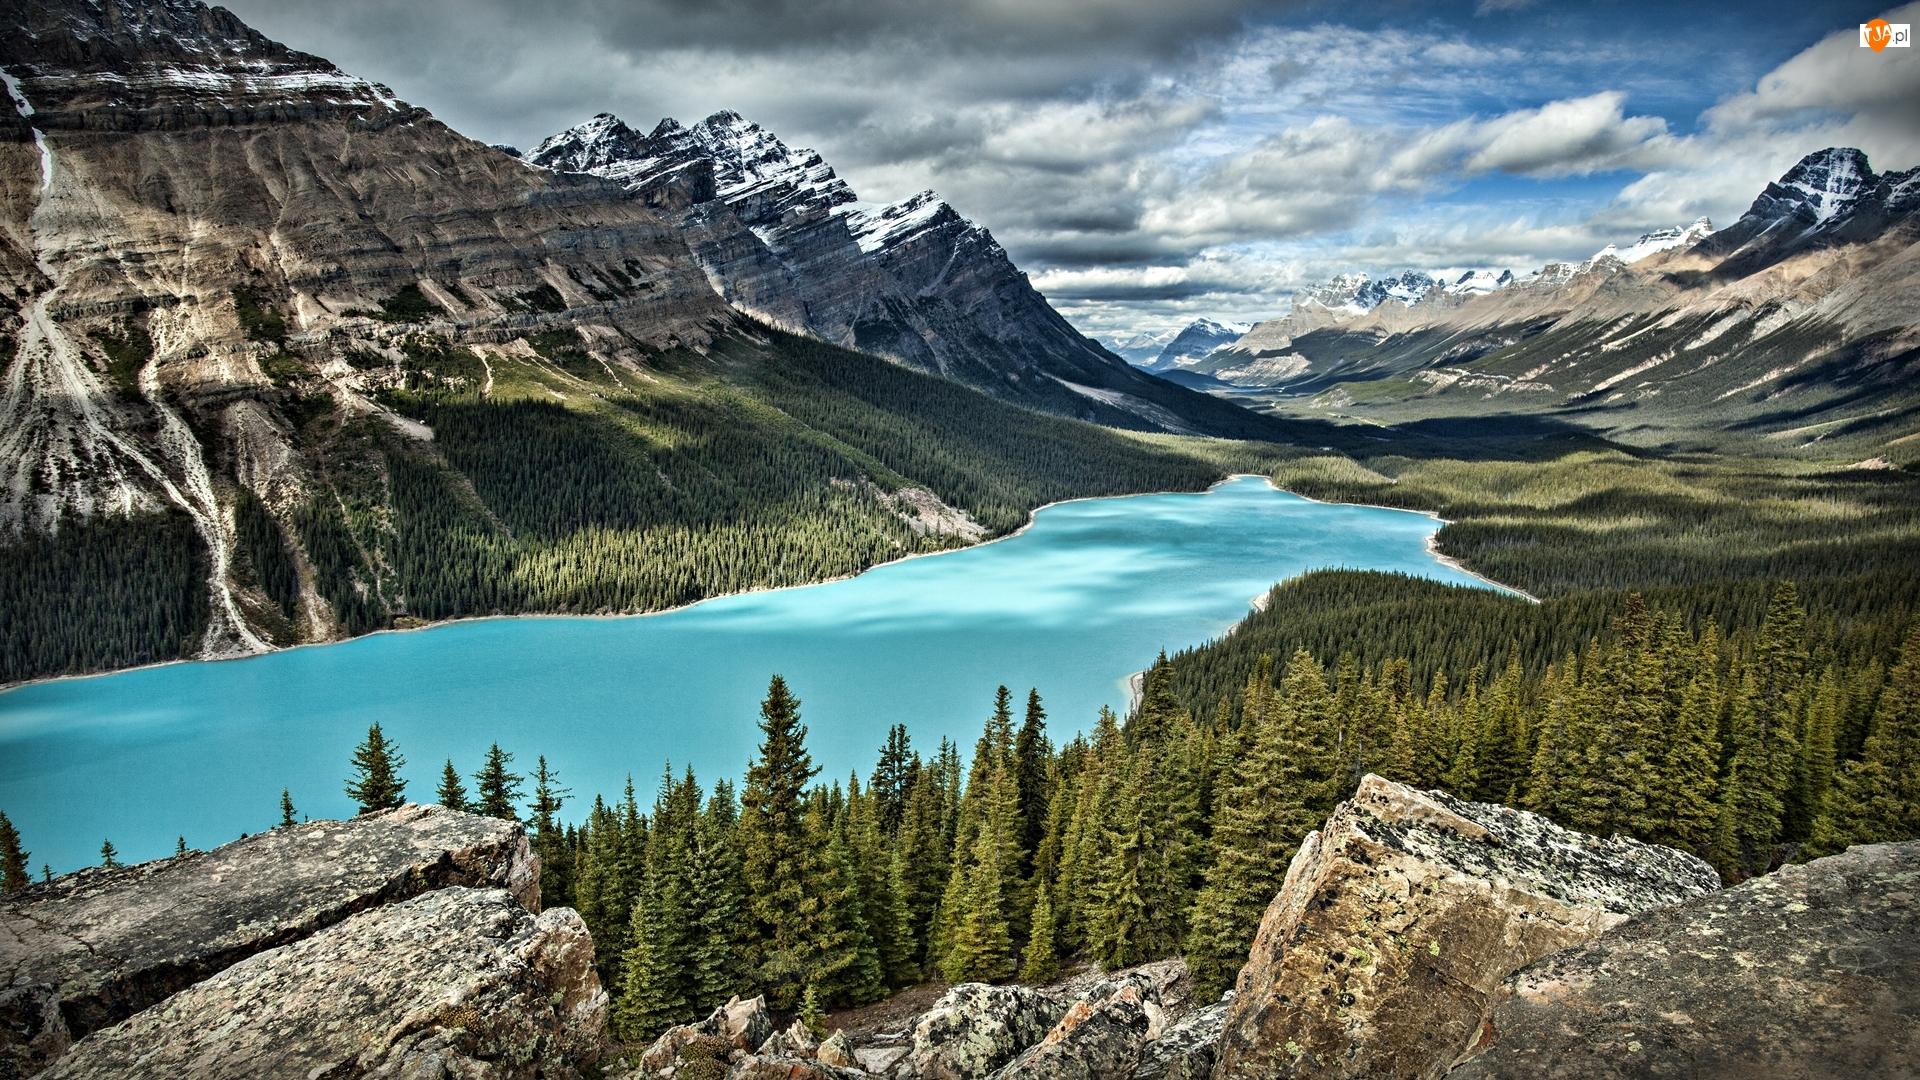 Park Narodowy Banff, Góry Canadian Rockies, Skały, Kanada, Chmury, Las, Jezioro Peyto Lake